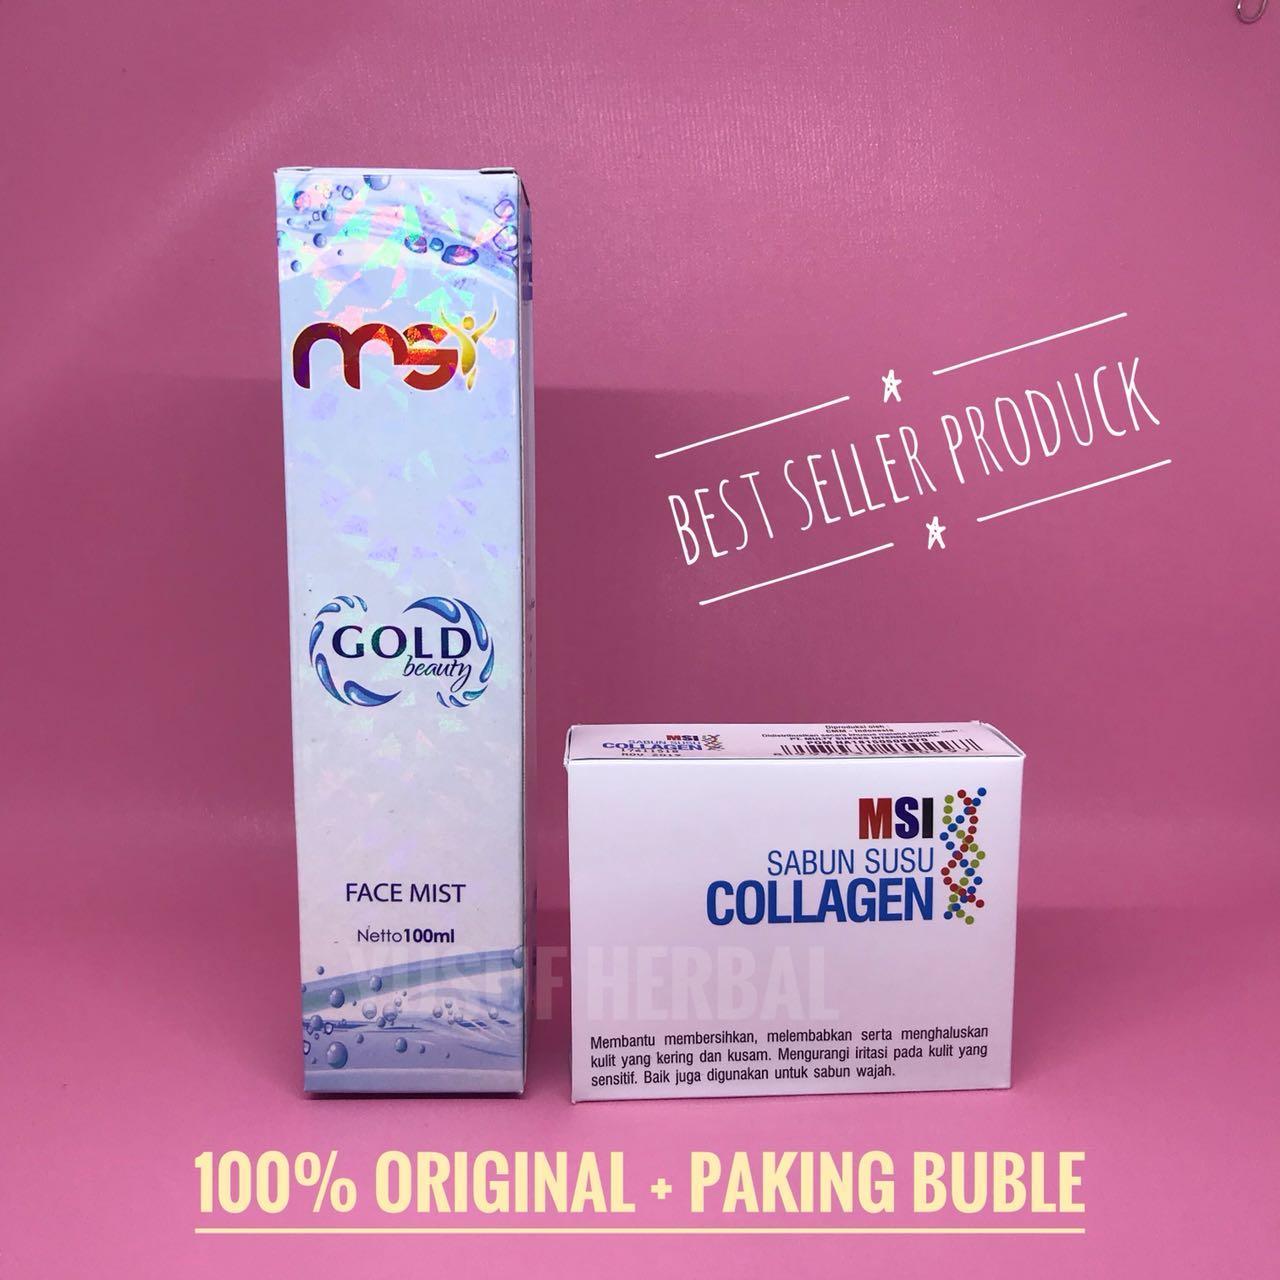 Jual Msi Paket Sabun Murah Garansi Dan Berkualitas Id Store Susu Collagen Rp 115000